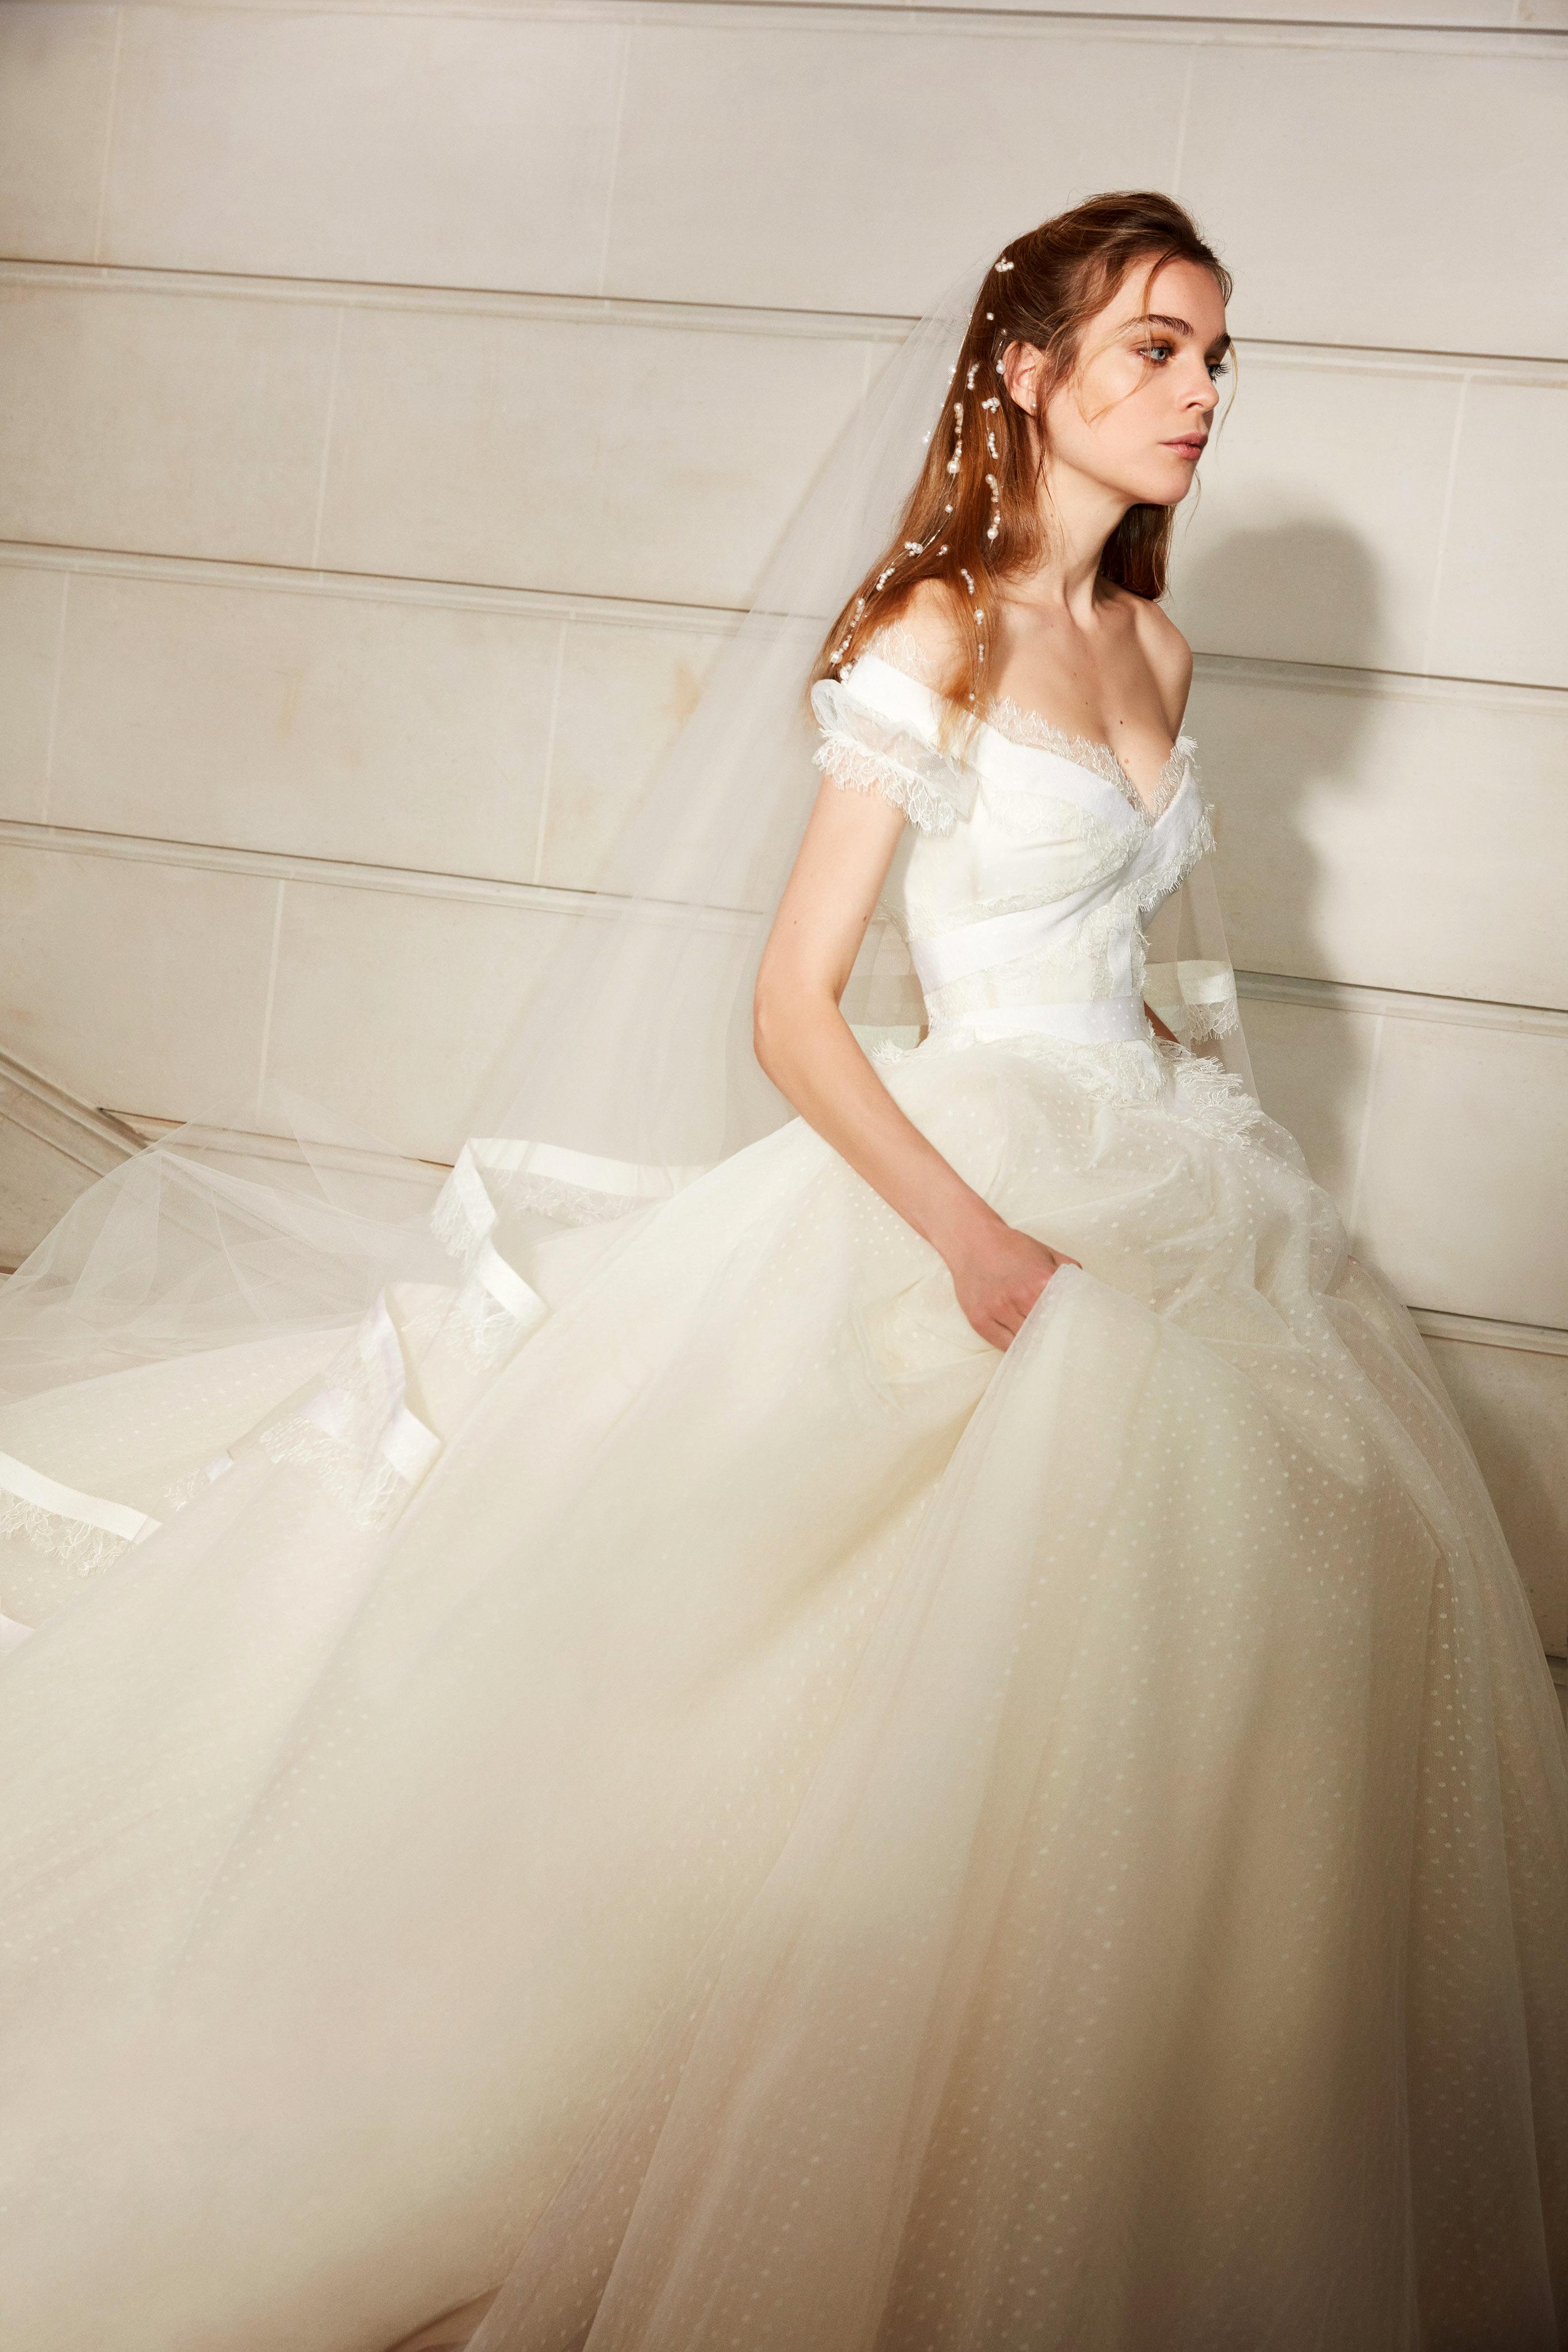 elie saab wedding dress spring 2019 off the shoulder tulle ballgown